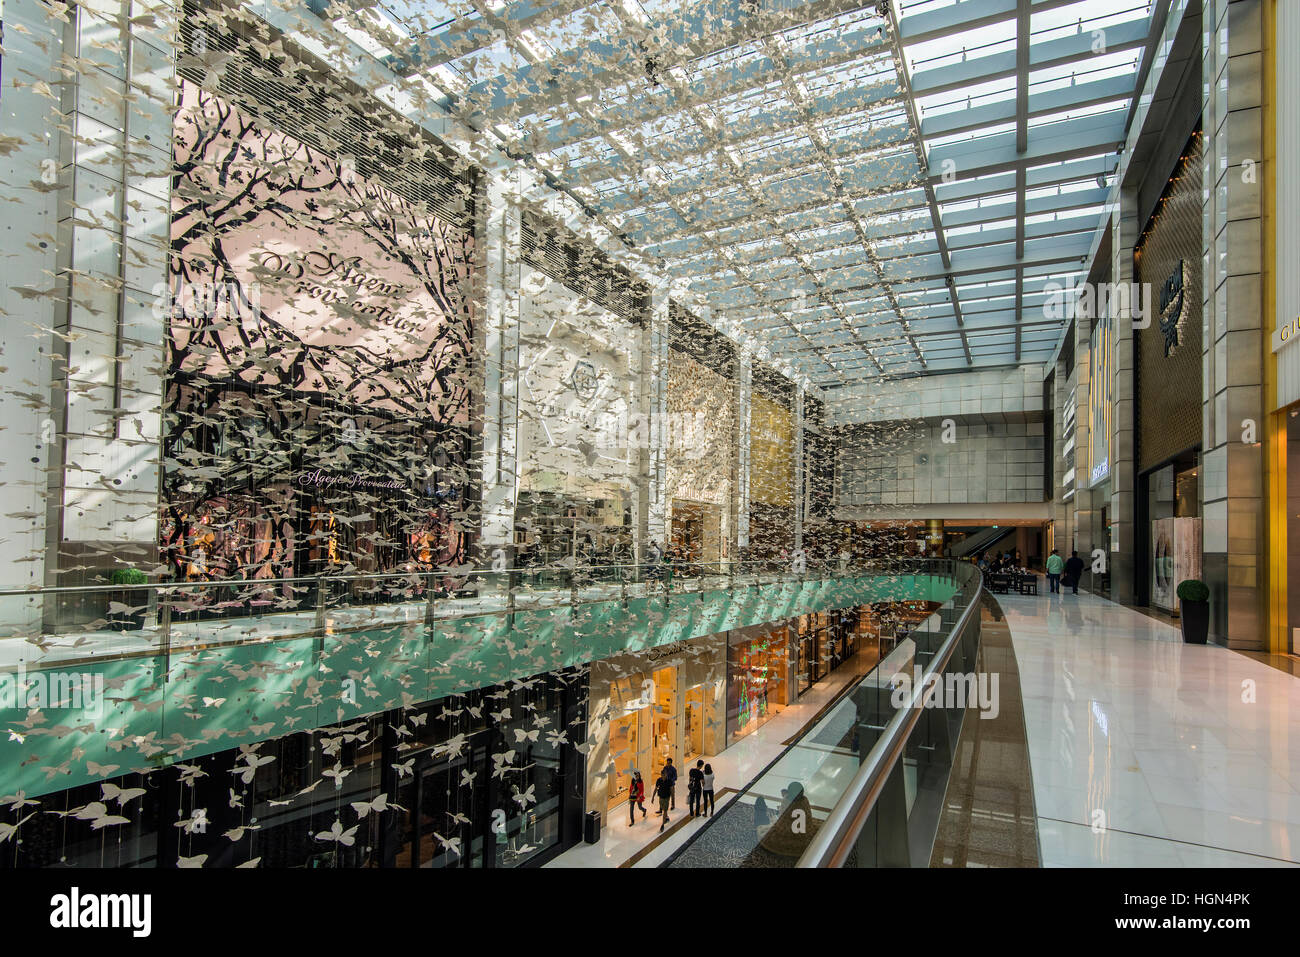 Centro commerciale di Dubai, Dubai, Emirati Arabi Uniti Immagini Stock